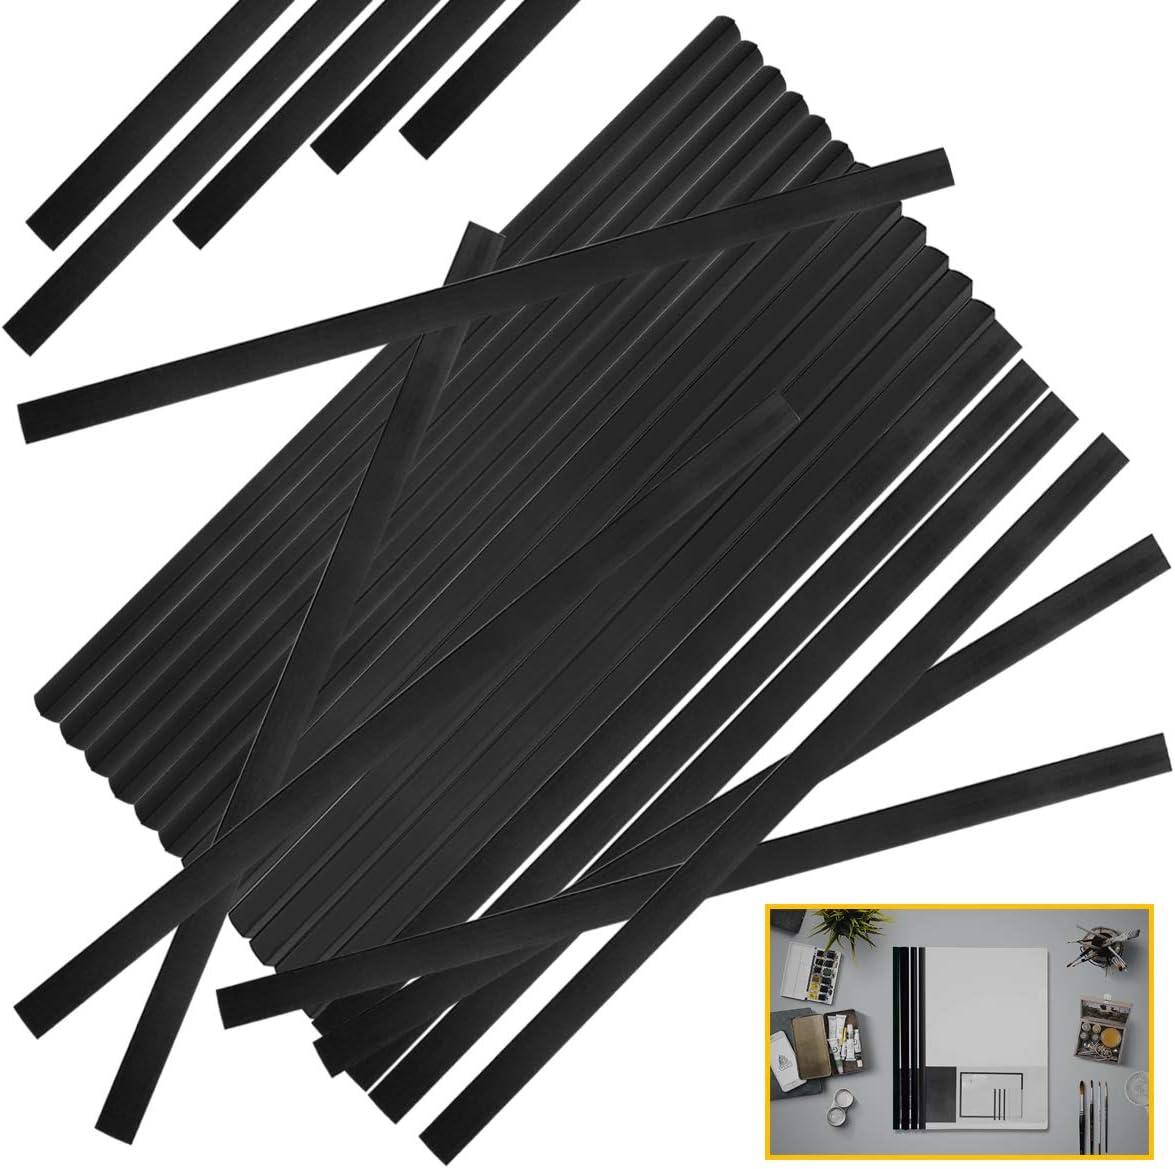 San Antonio Mall YG_Oline 48 Pcs Black Slide Grip Sc Bars for Reservation Binding Spine